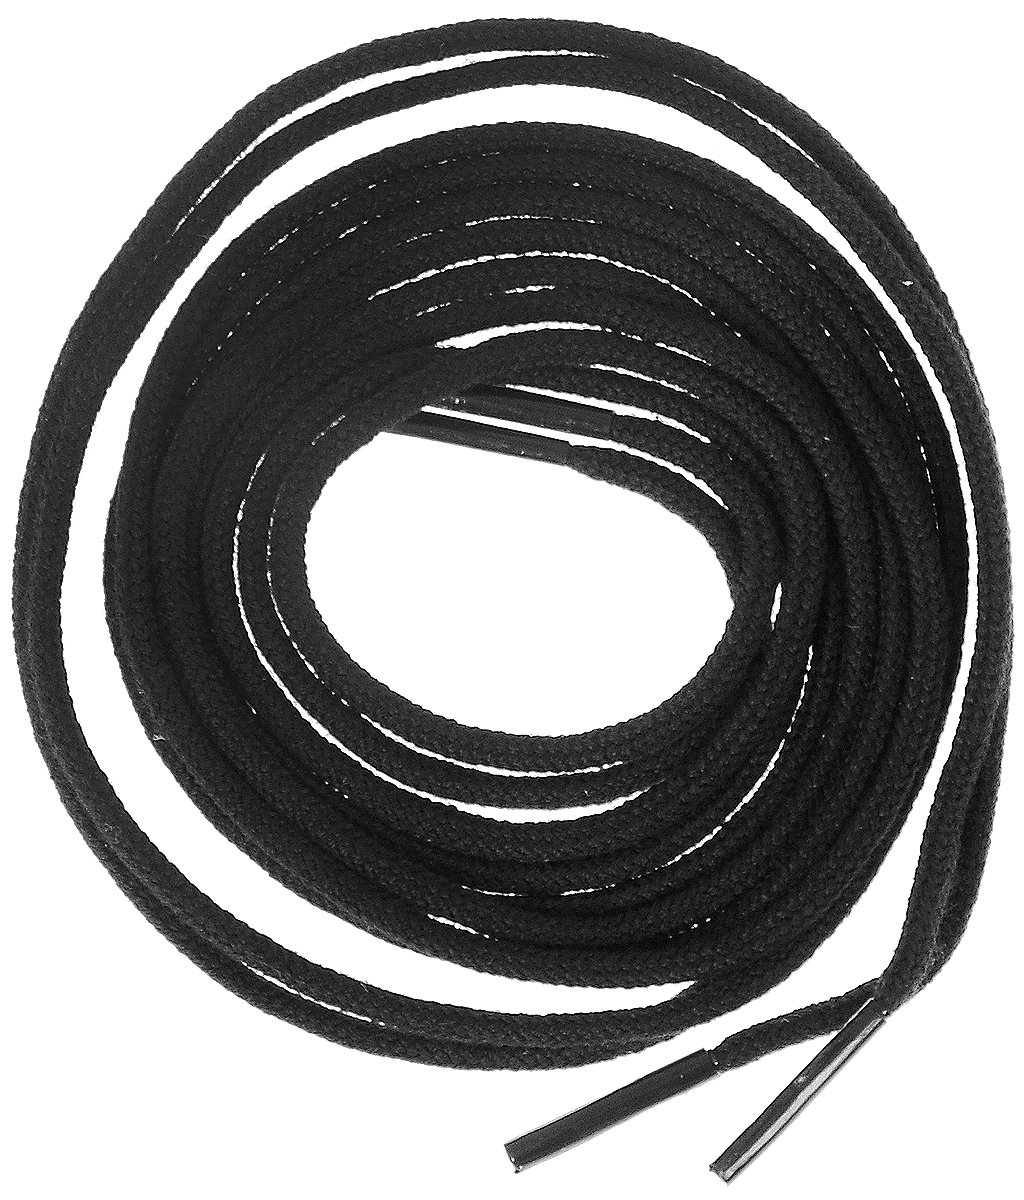 Шнурки тонкие Collonil Rund, цвет: черный, длина 90 см шнурки для обуви радуга active усиленные круглые с наполнителем цвет белый 110 см